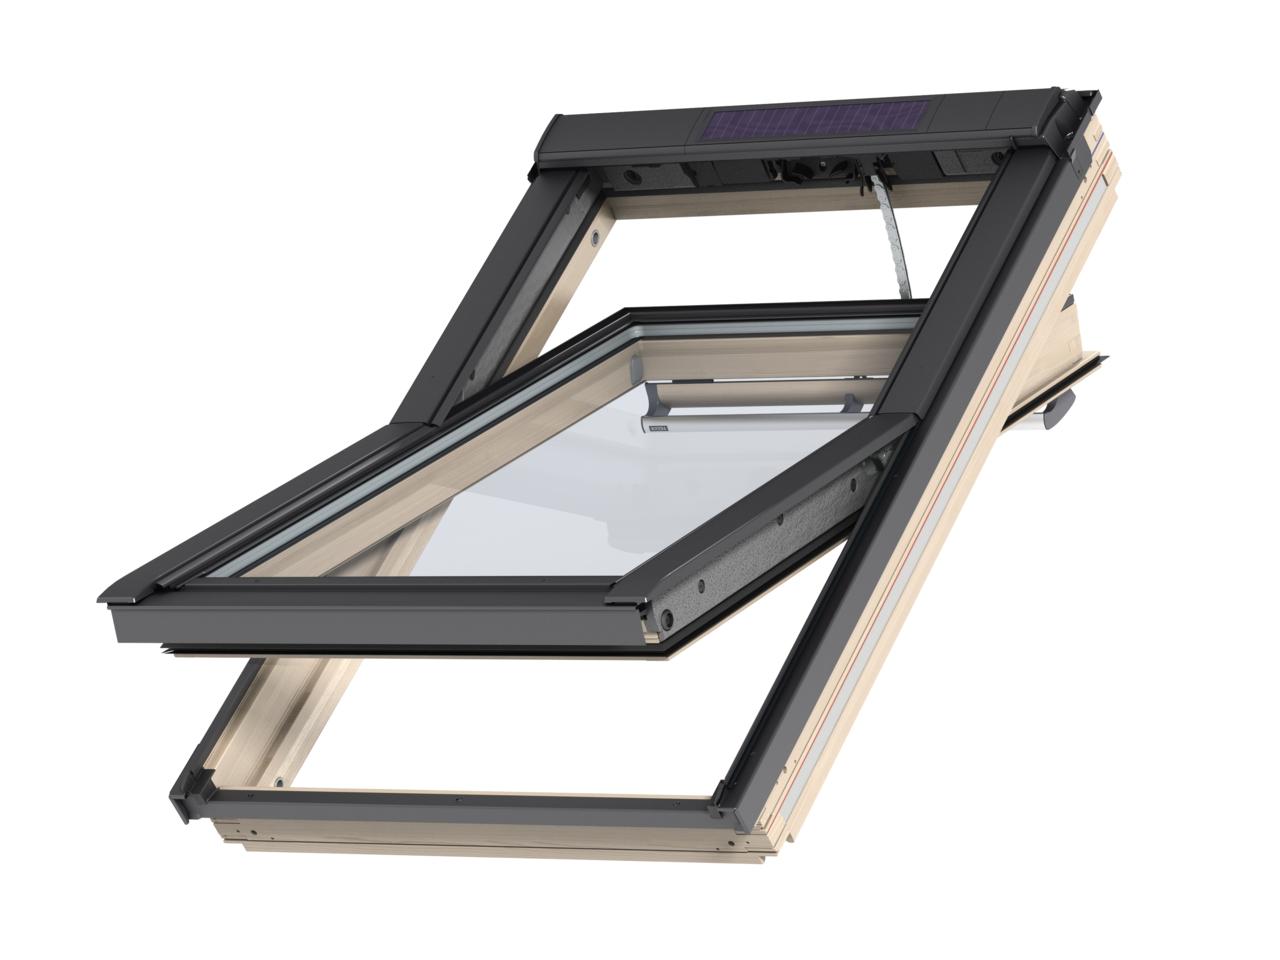 VELUX Elektricky ovládané okno GGL 306630 Solar rozměr: MK06 78x118 cm